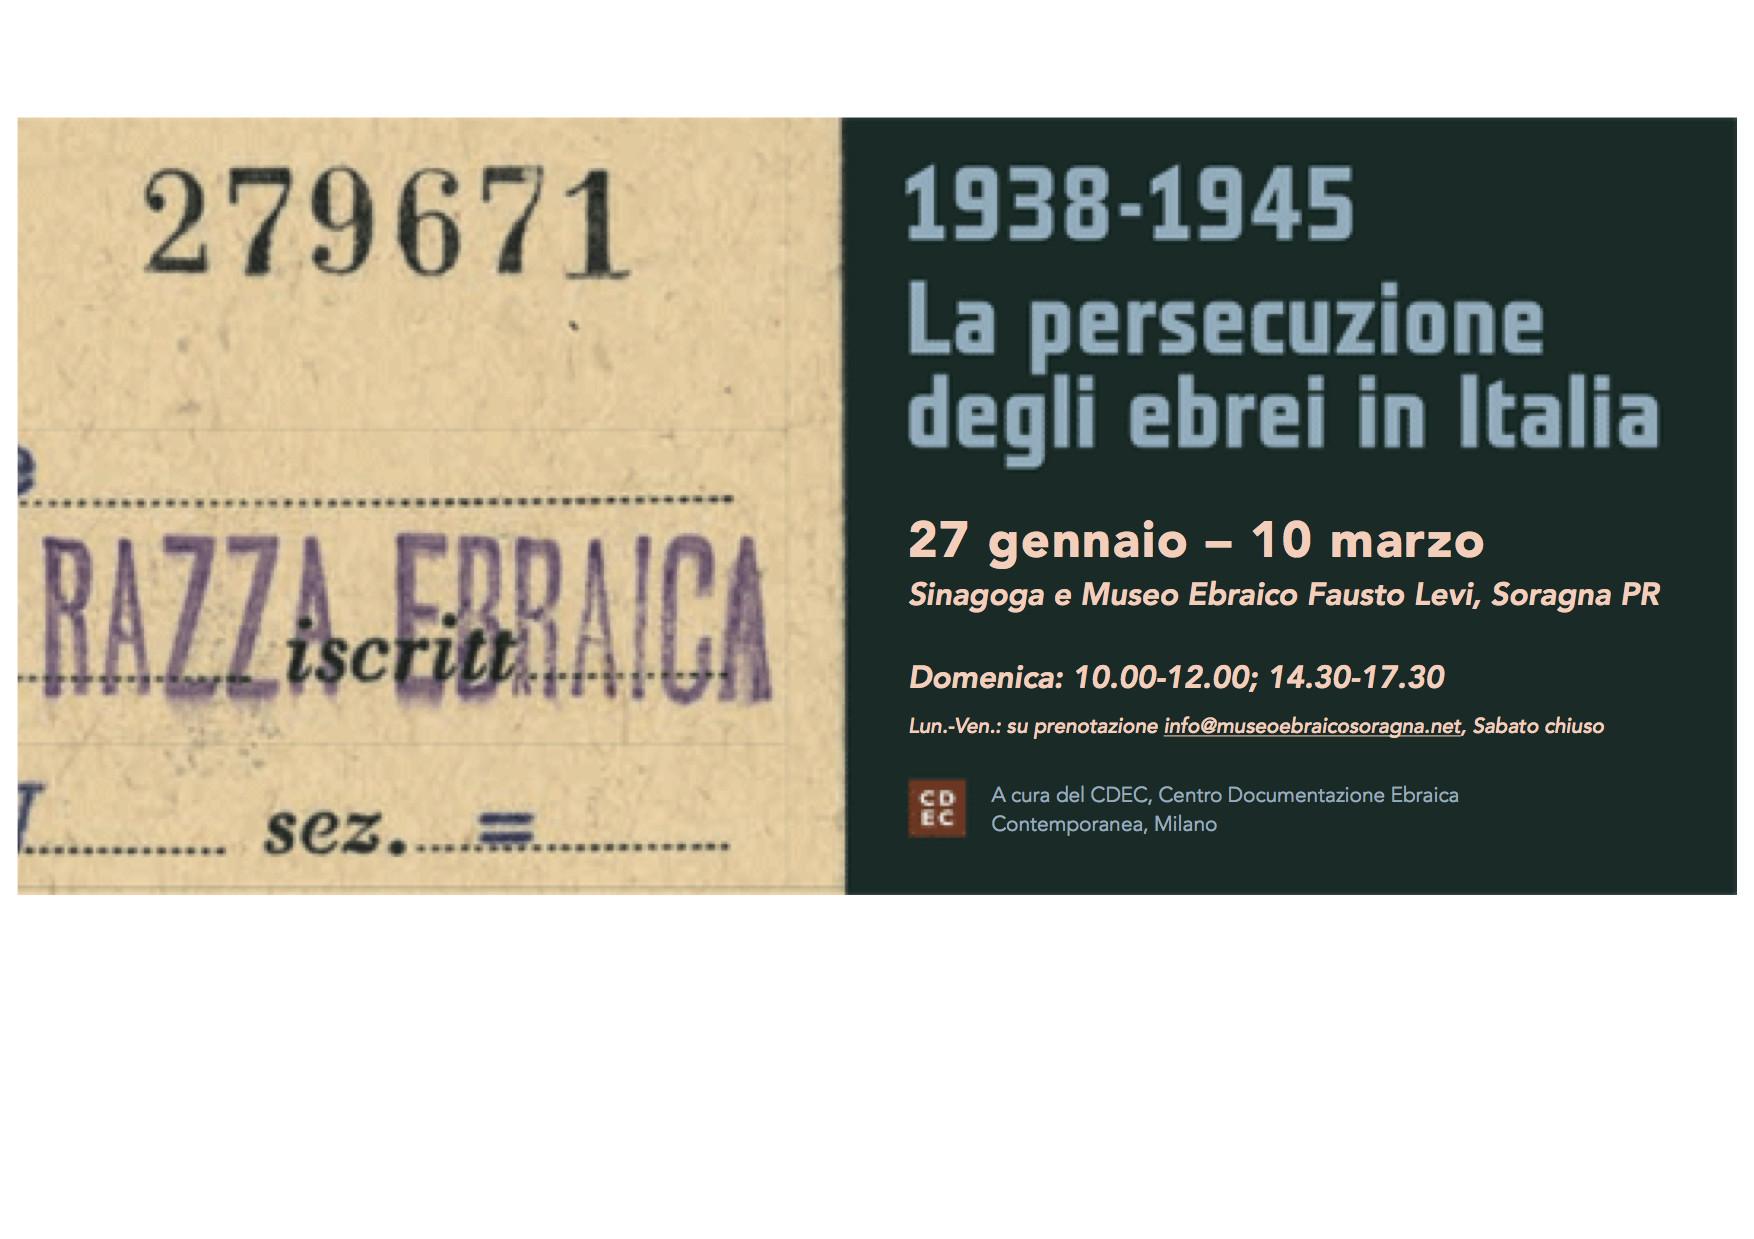 1938-1945 La persecuzione degli ebrei in Italia, mostra documentaria